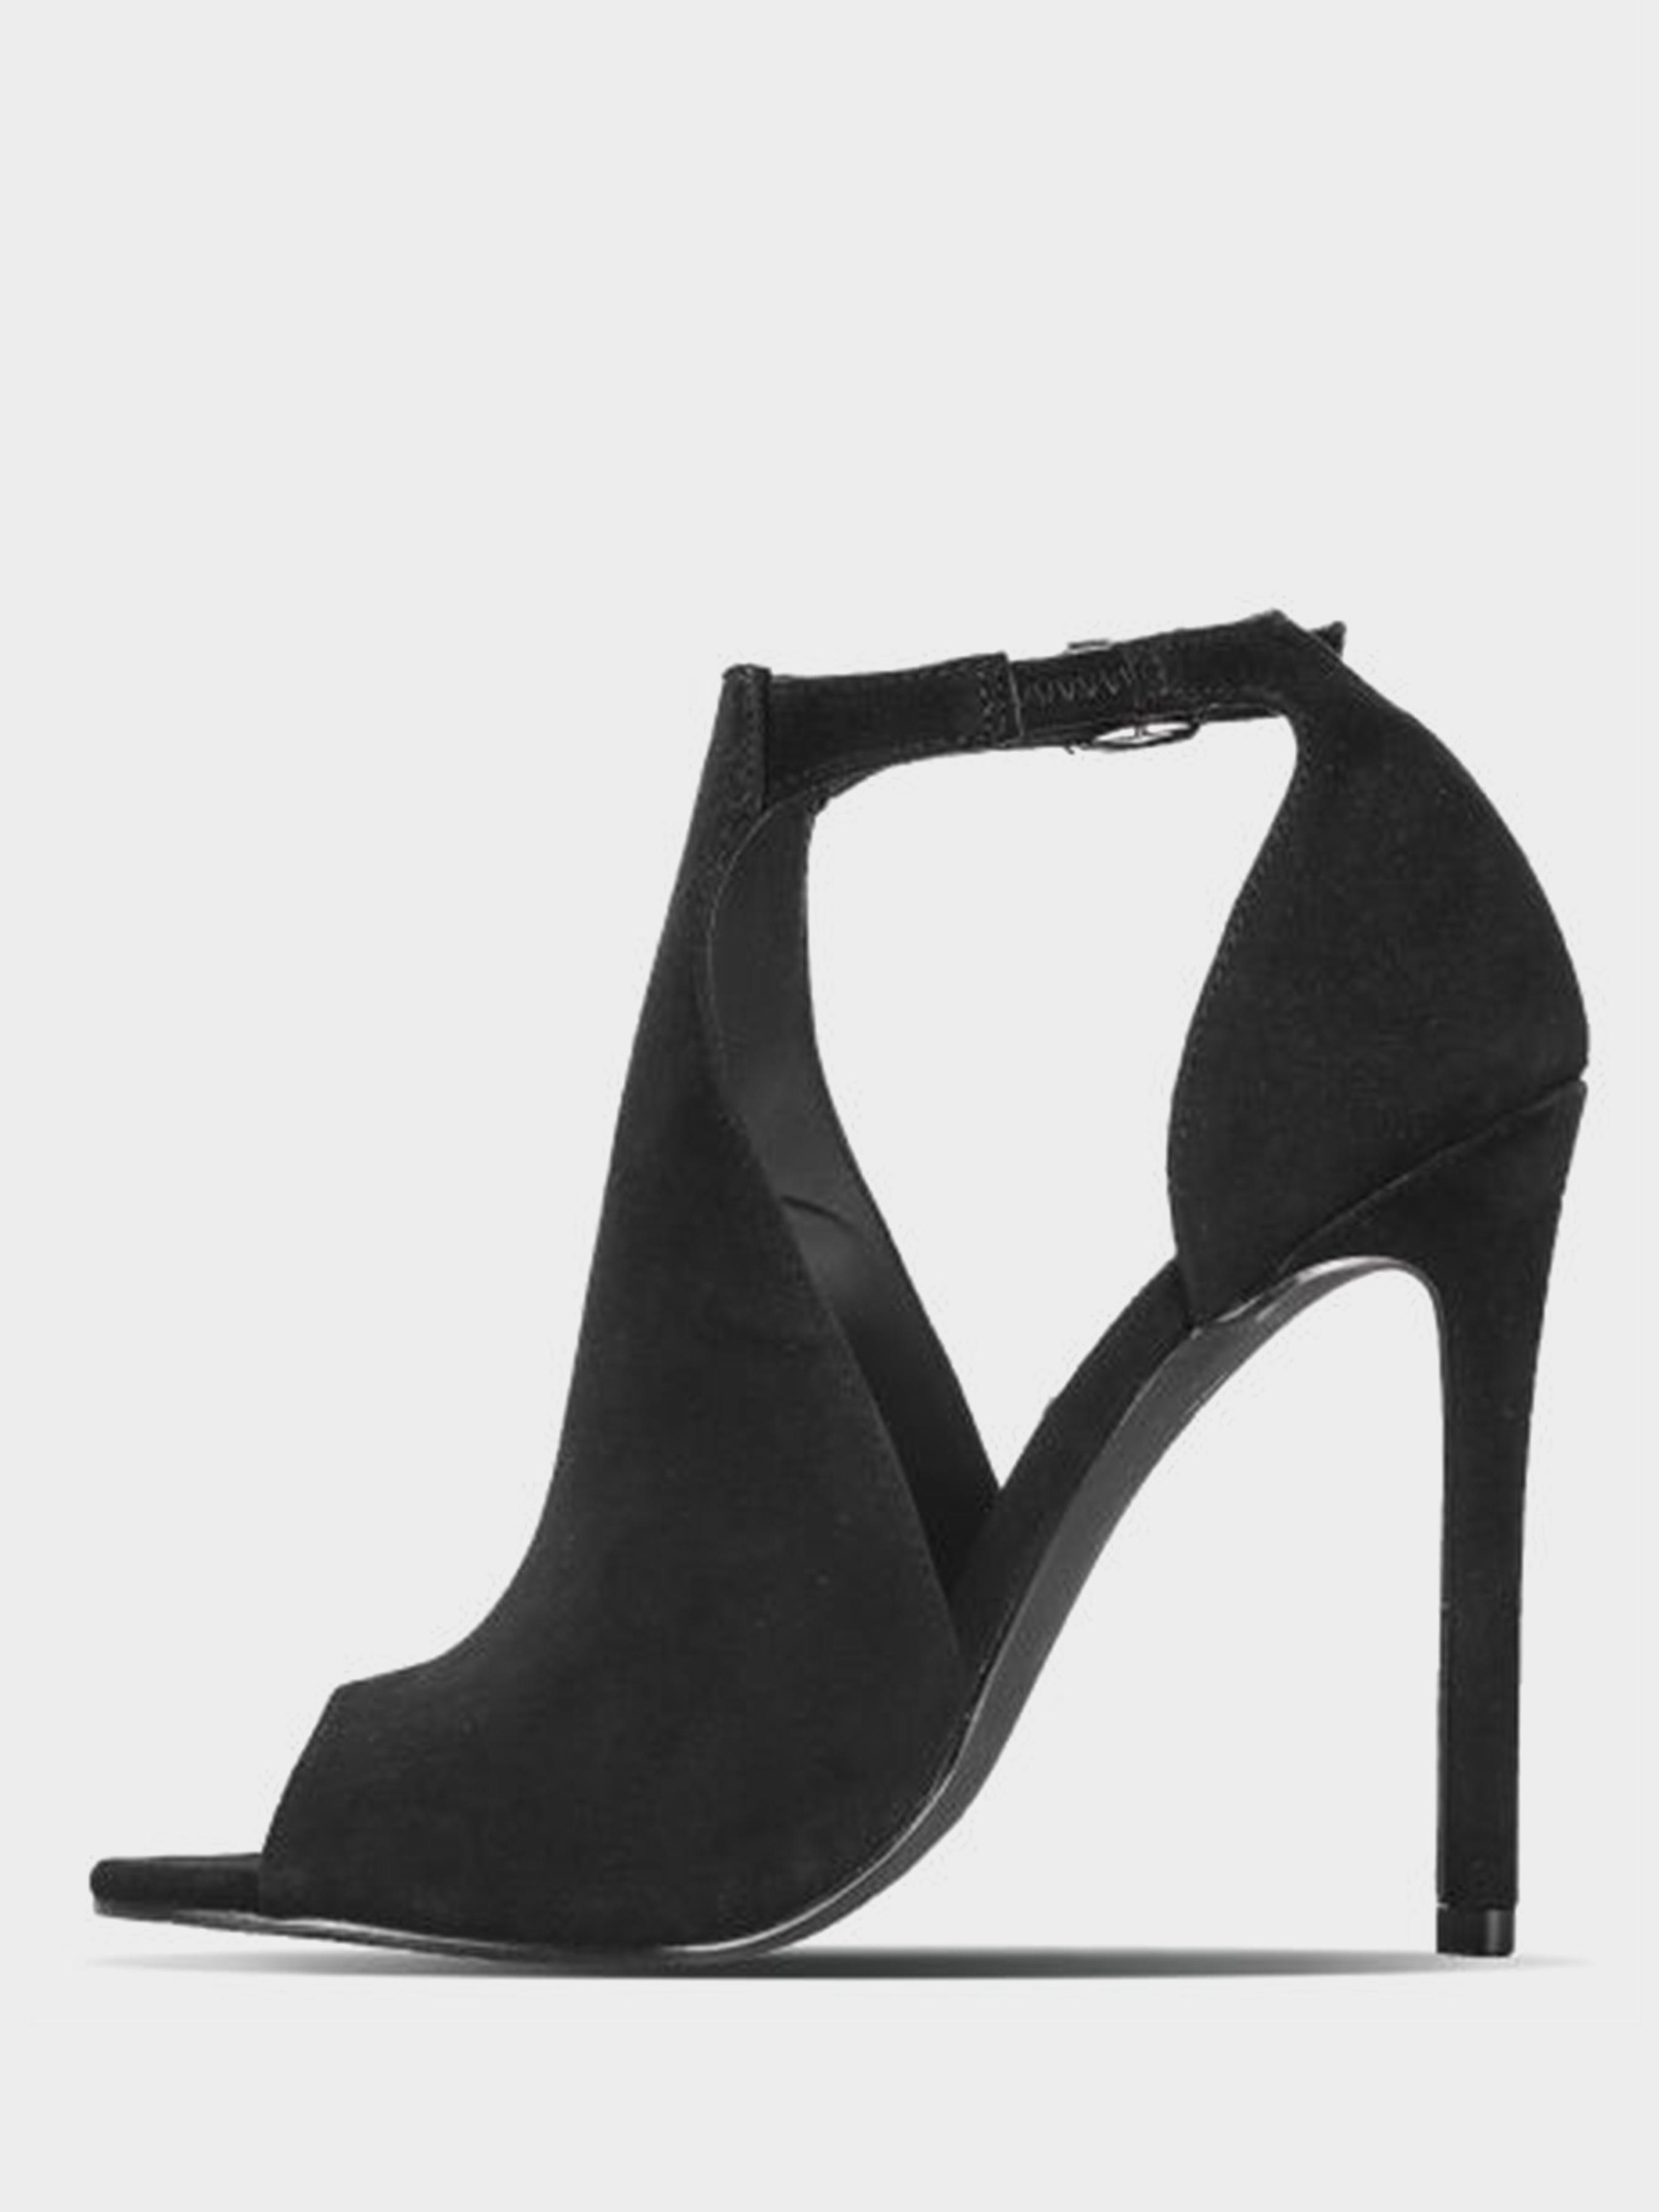 Босоножки женские Steve Madden SLOANE 9T69 купить обувь, 2017